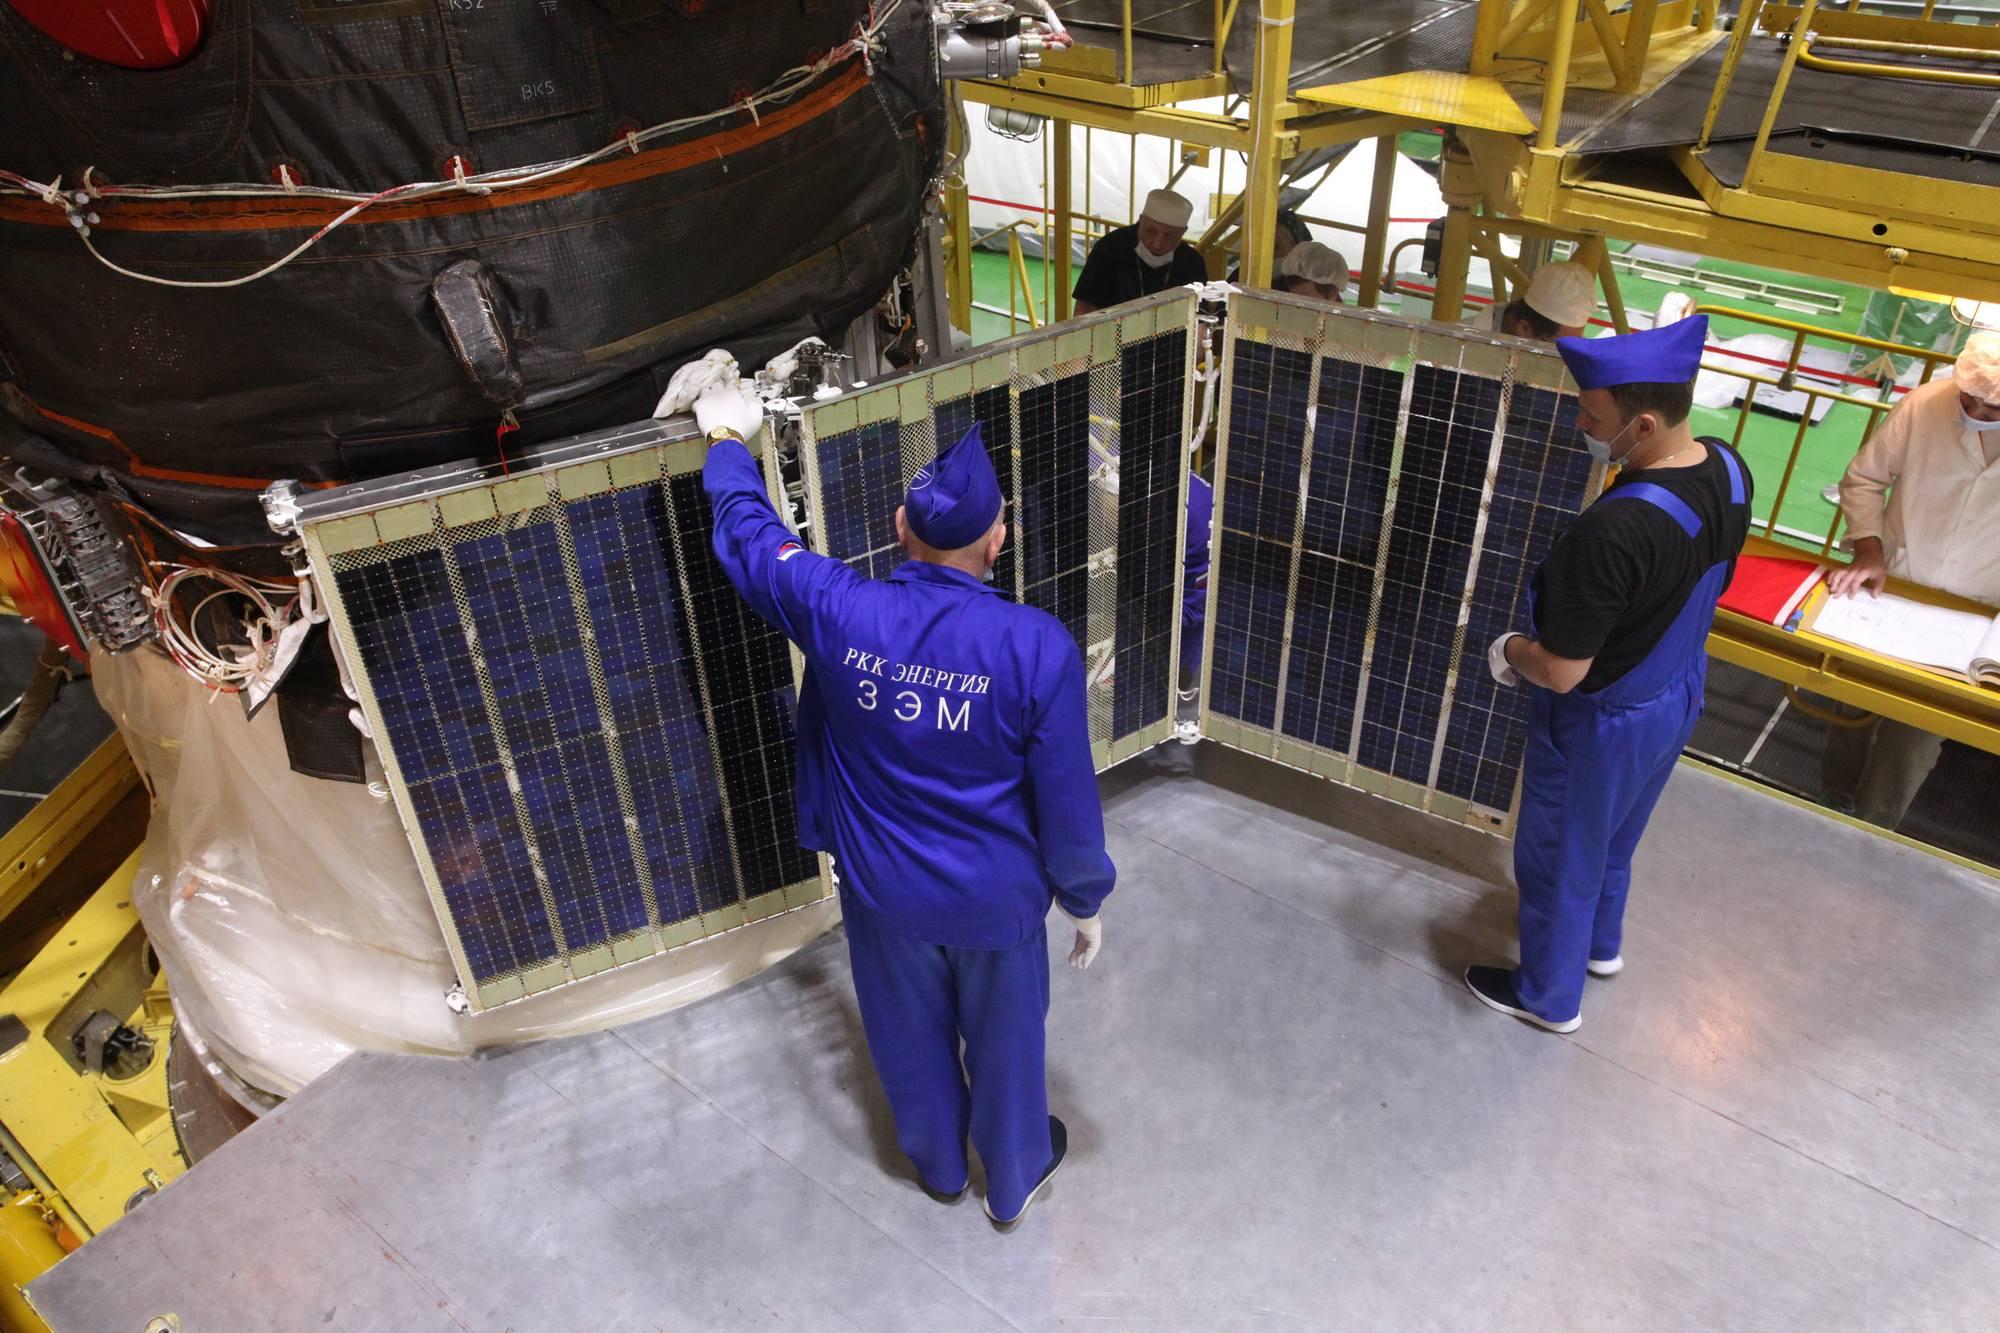 Déploiement d'un des deux panneaux solaires.